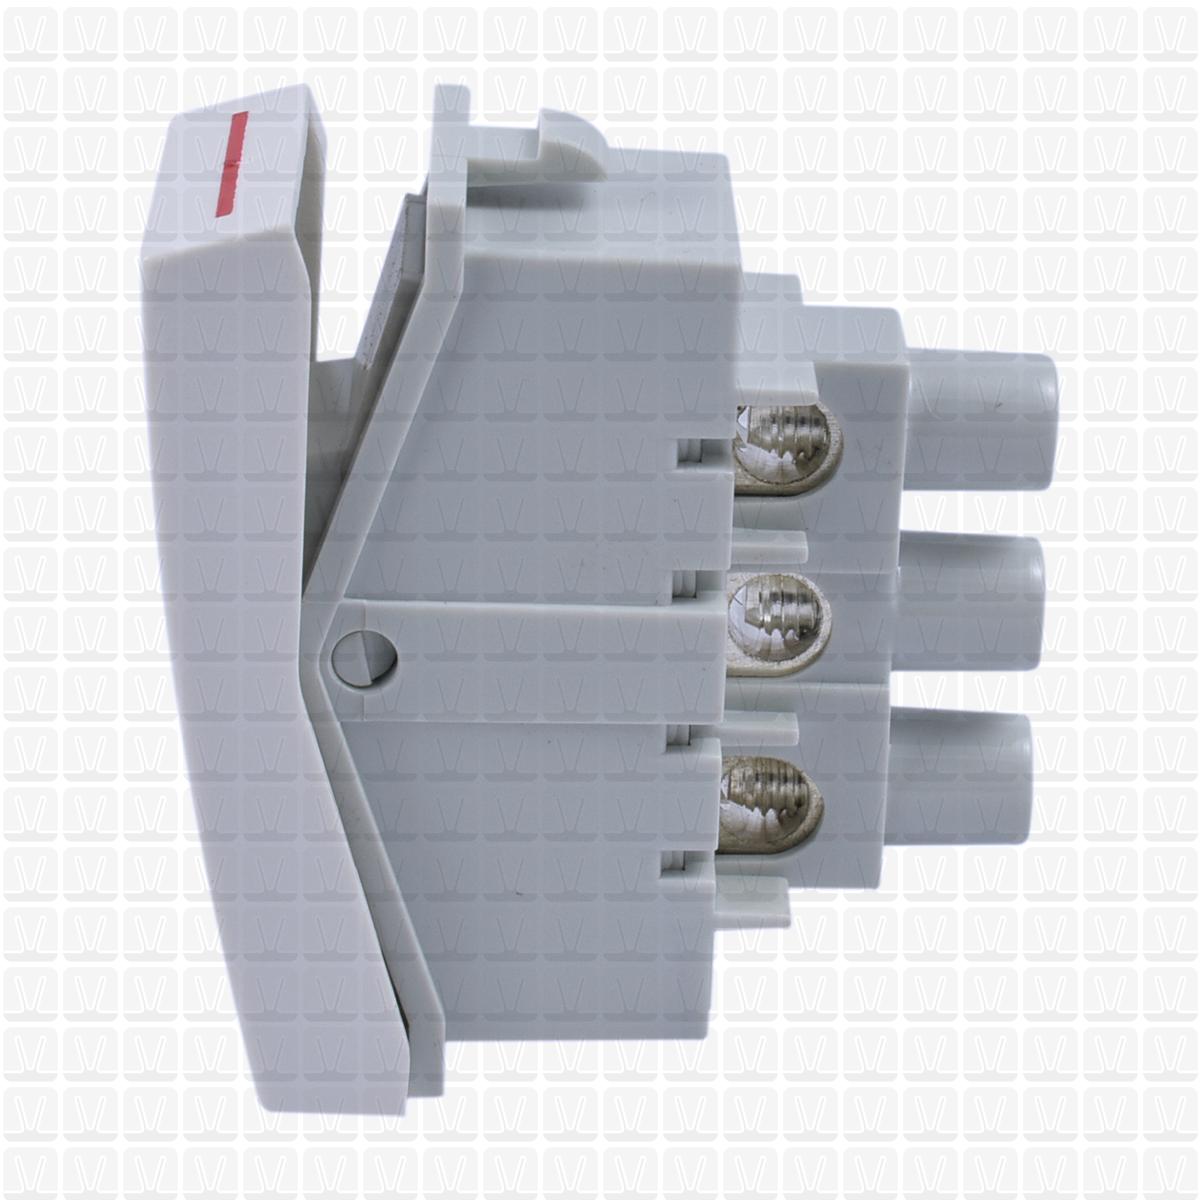 Simon Hausmann Two Way Switch 16 Amp Vardhman Shop